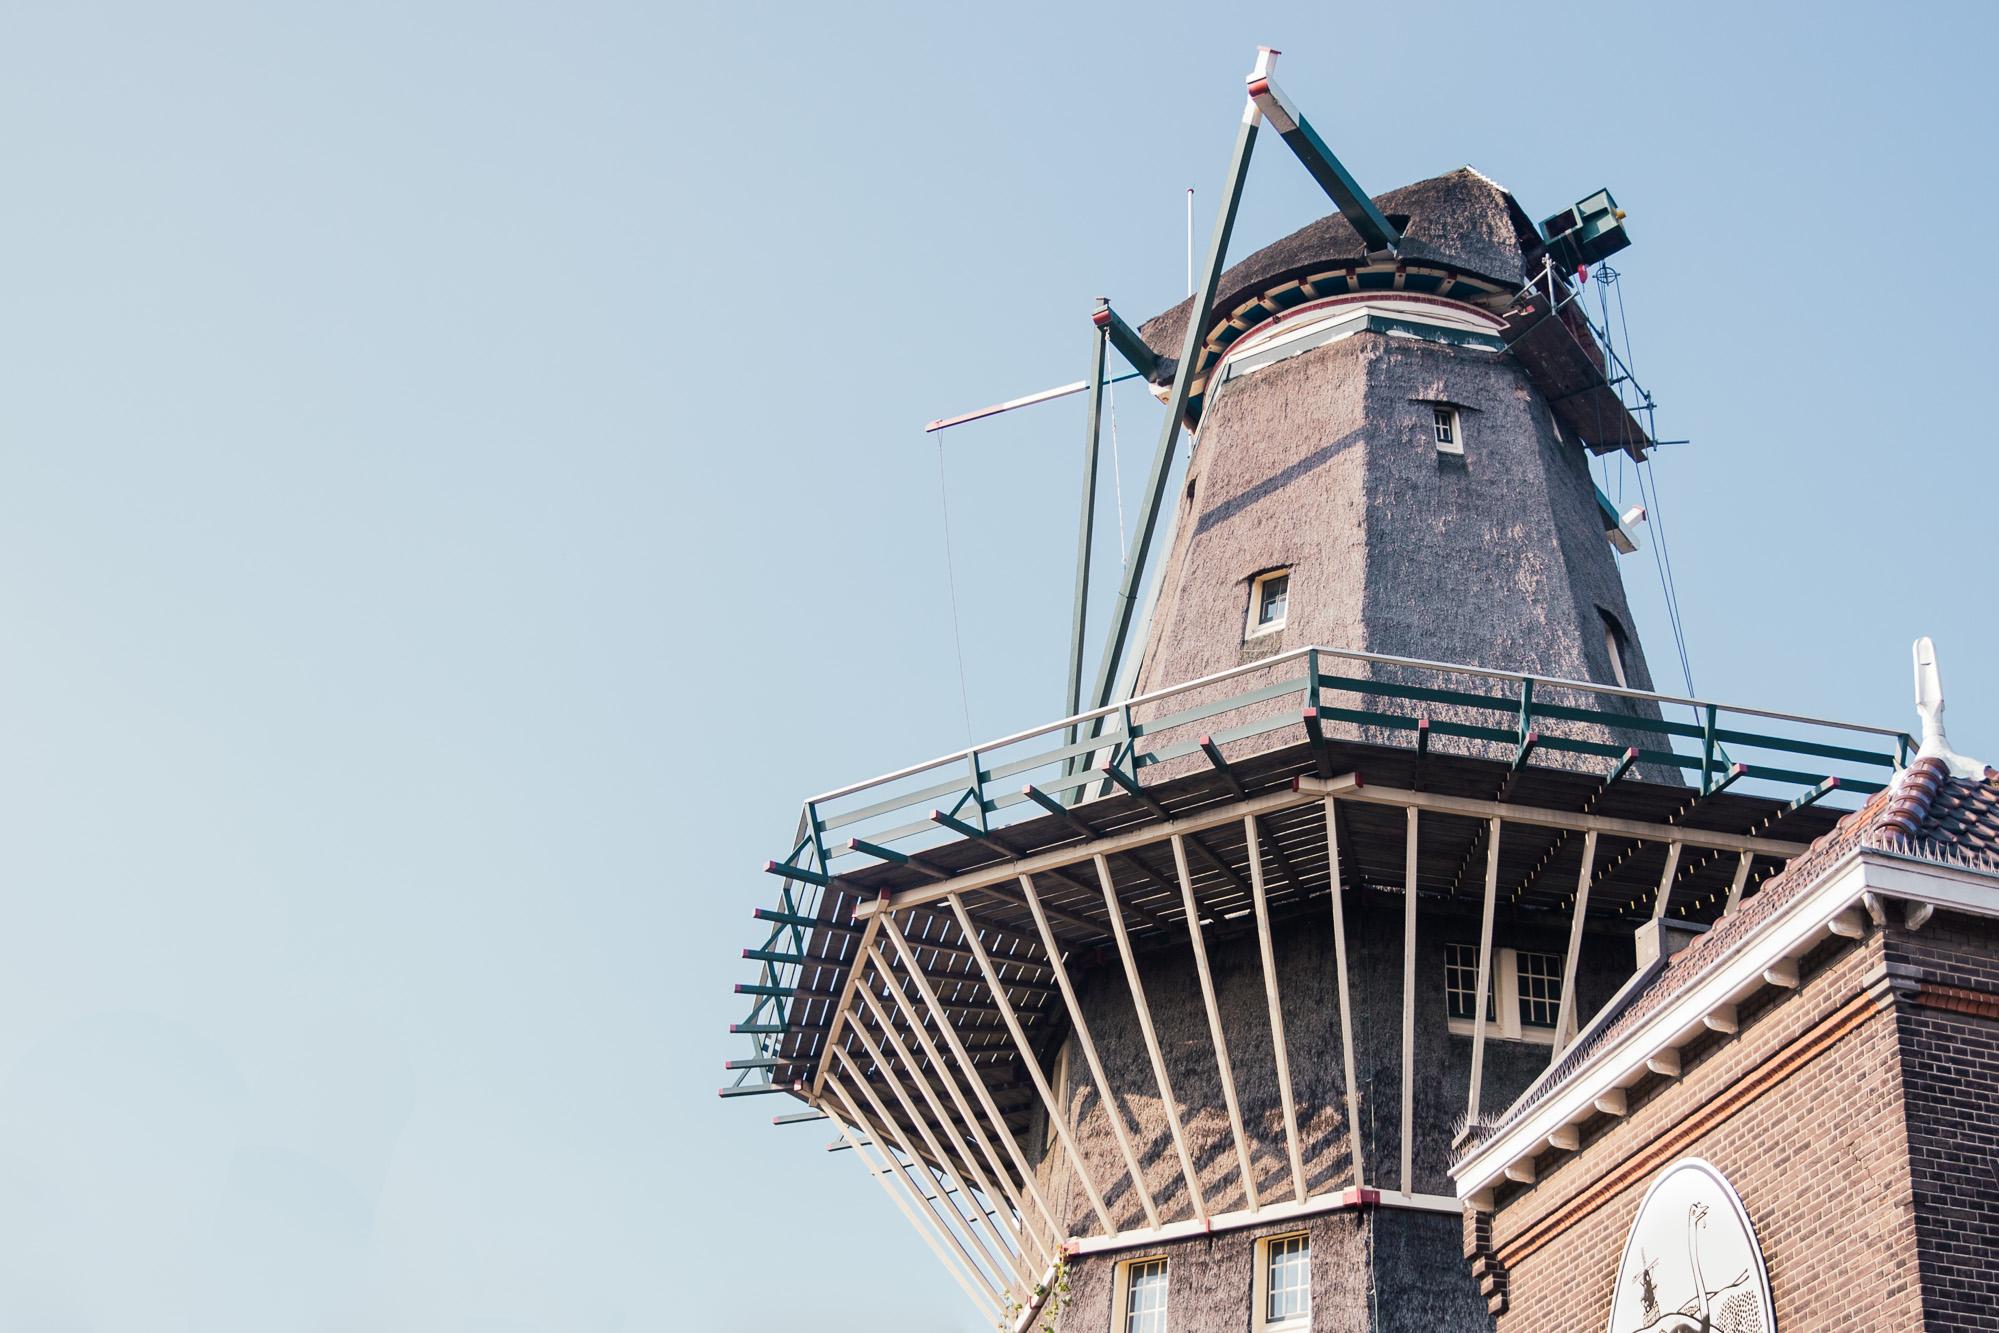 Windmill brewery brouwerij het ij in Amsterdam, Holland, The Netherlands